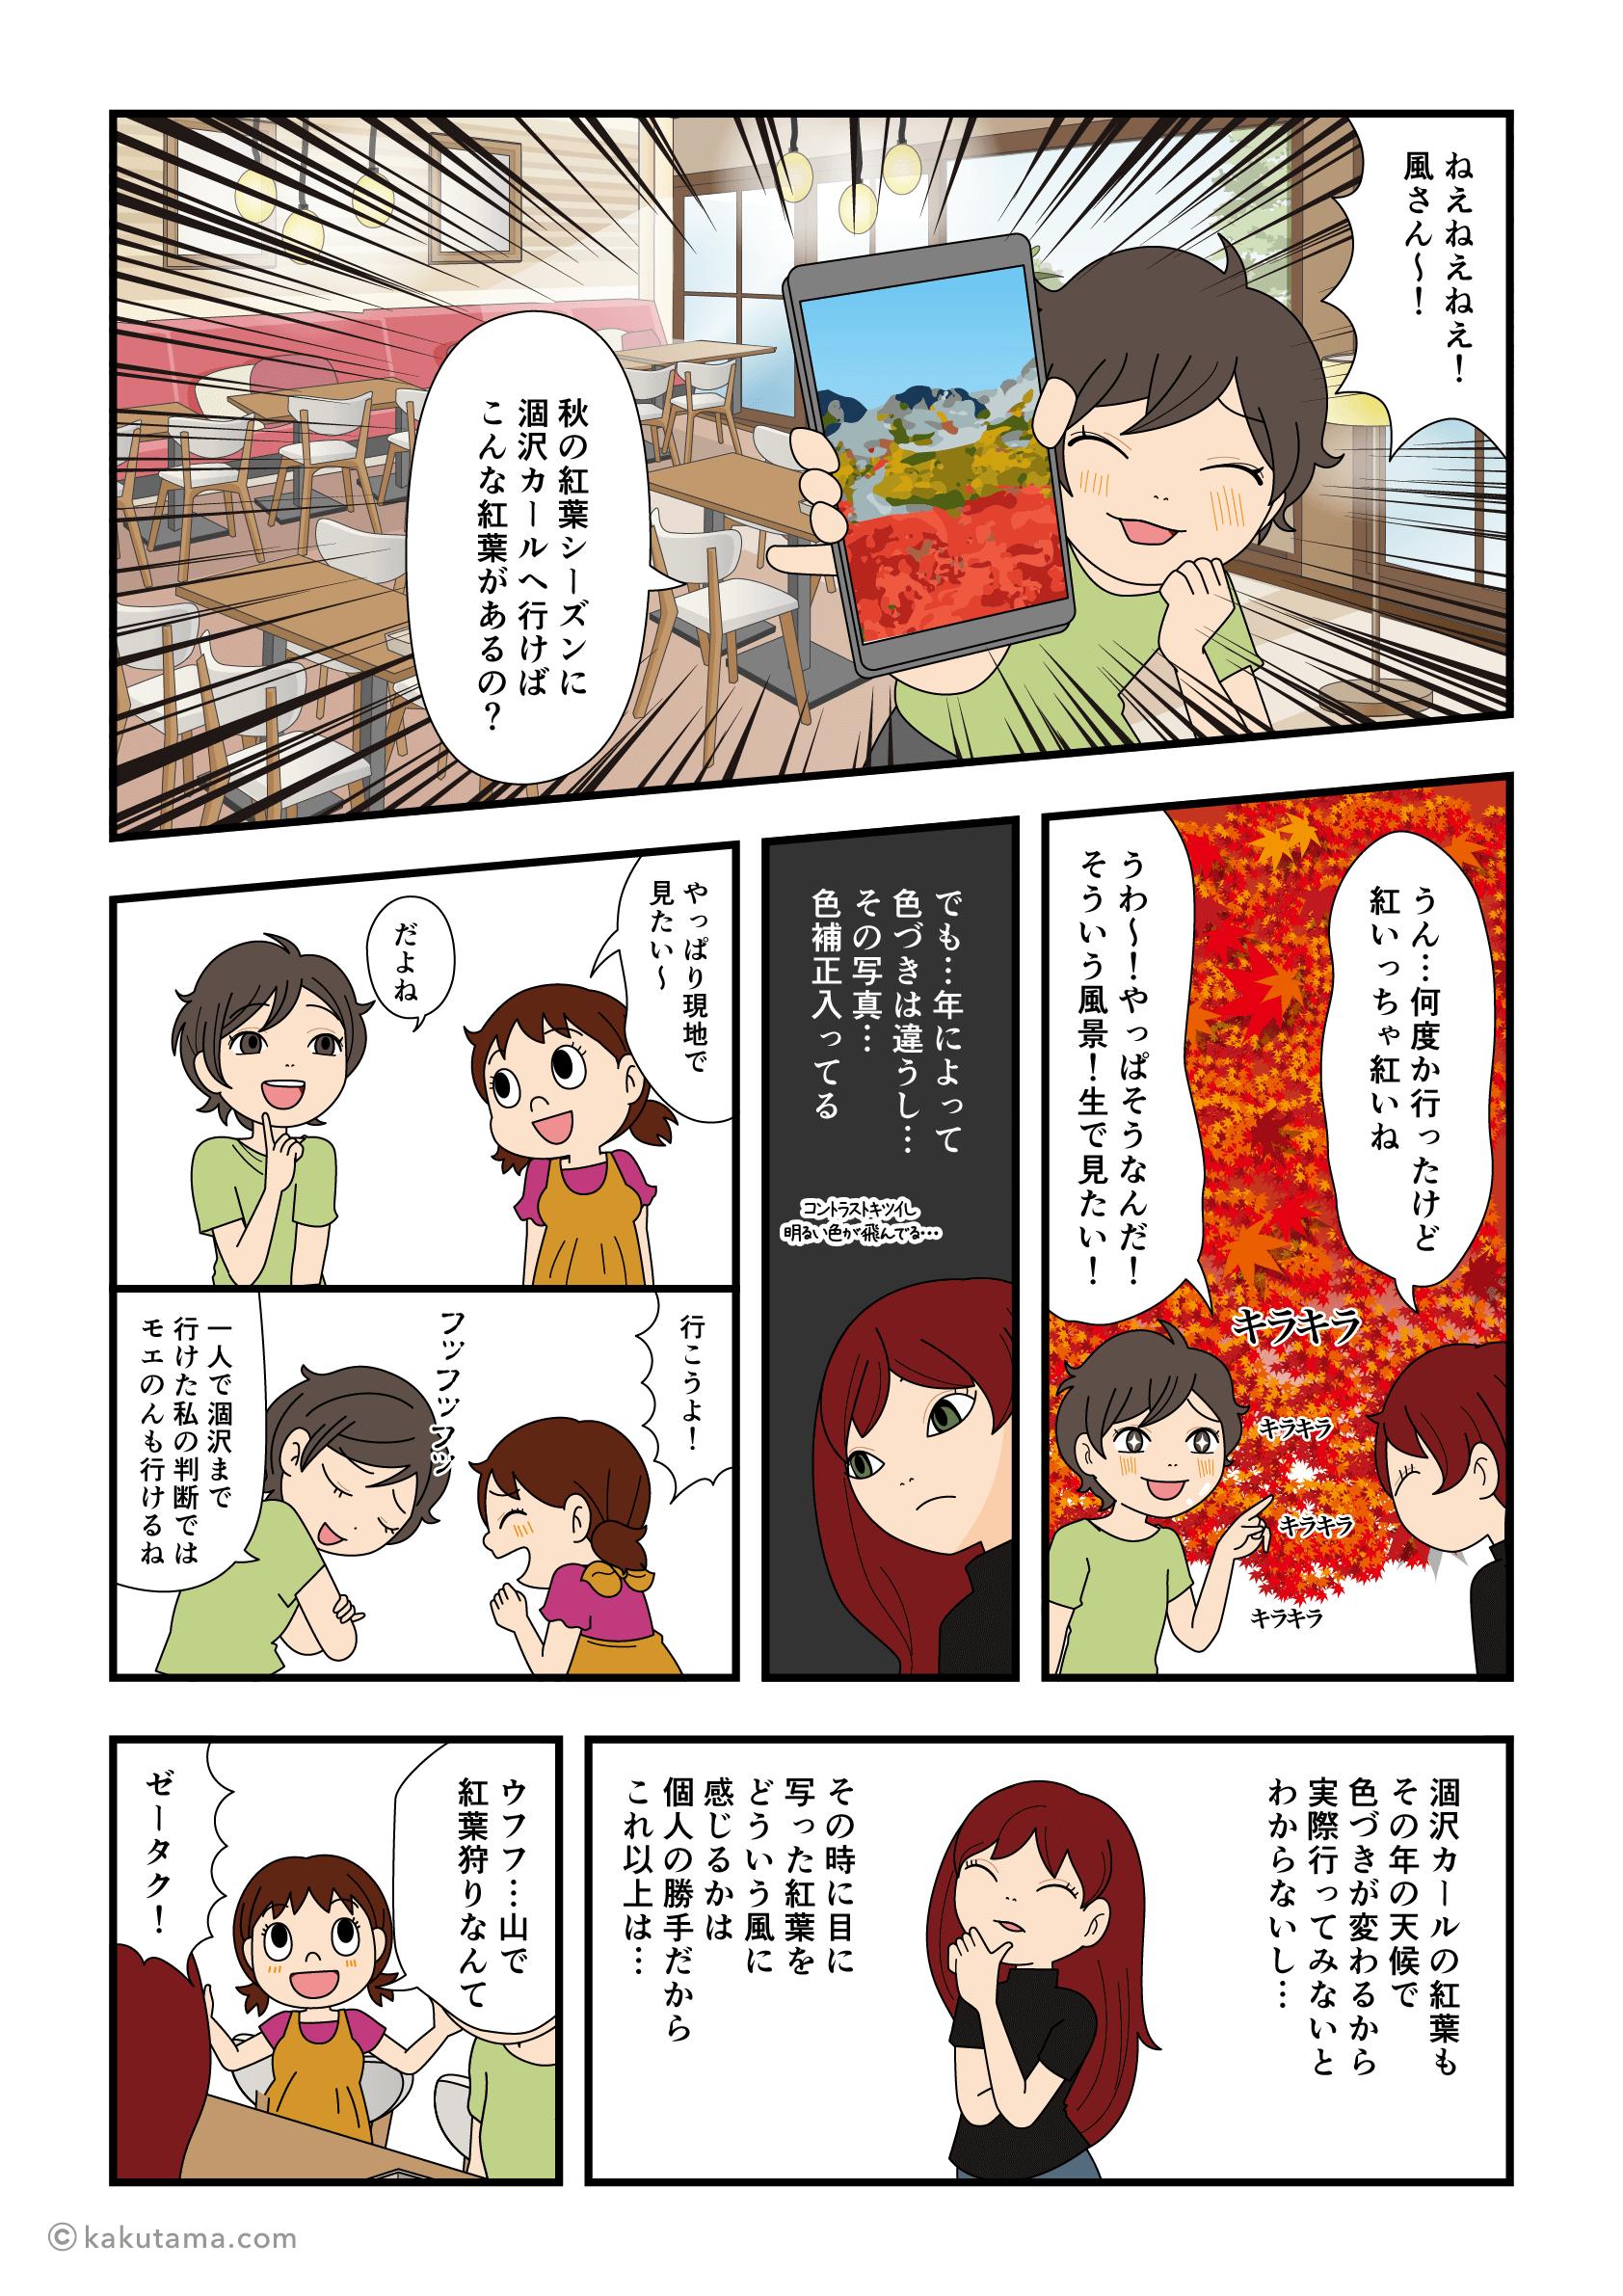 涸沢カールの紅葉について聞かれる登山者の漫画